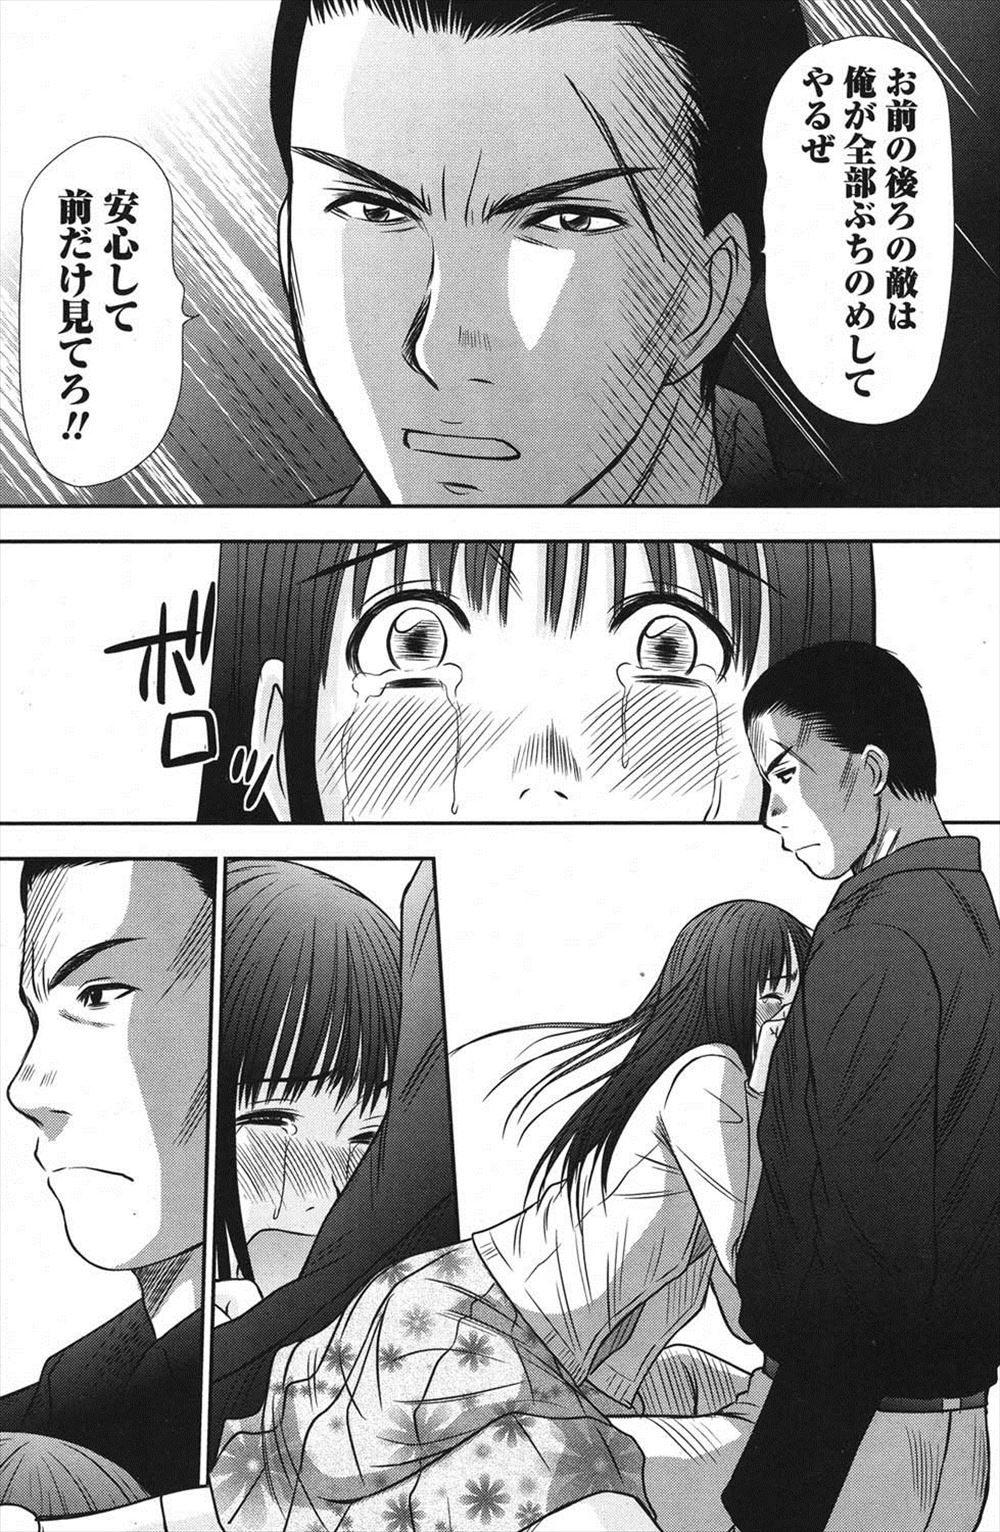 【エロ漫画同人誌】マネージャーに犯されかけた美少女アイドルがヤクザの男に助けられて抱いてもらう展開に♡ 014